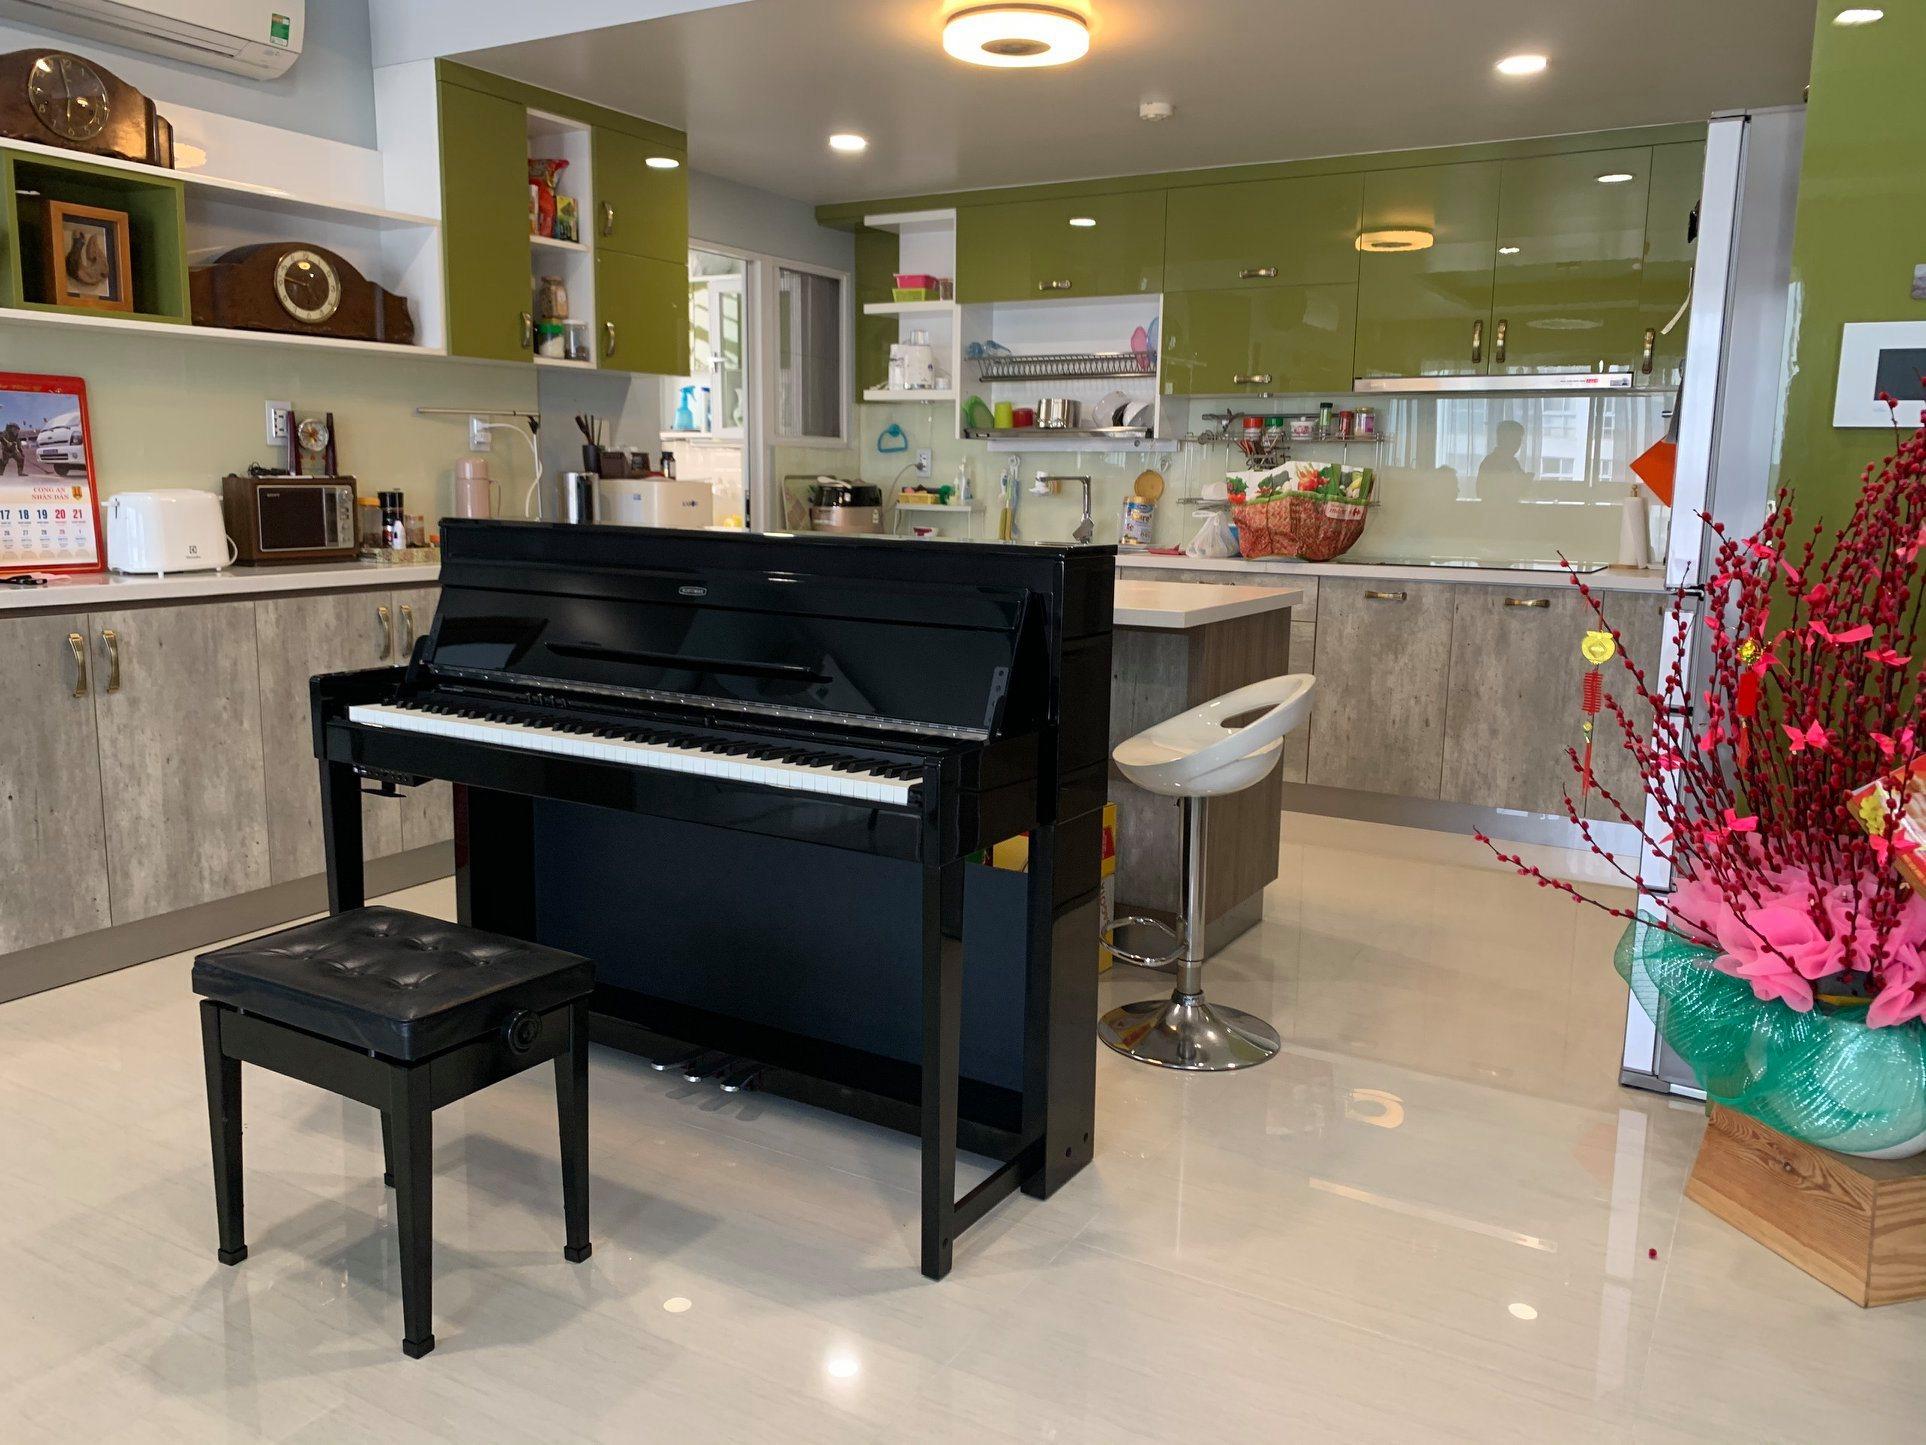 Đàn Piano Điện Kurtzman K750: Âm Thanh Chân Thật Và Sống Động